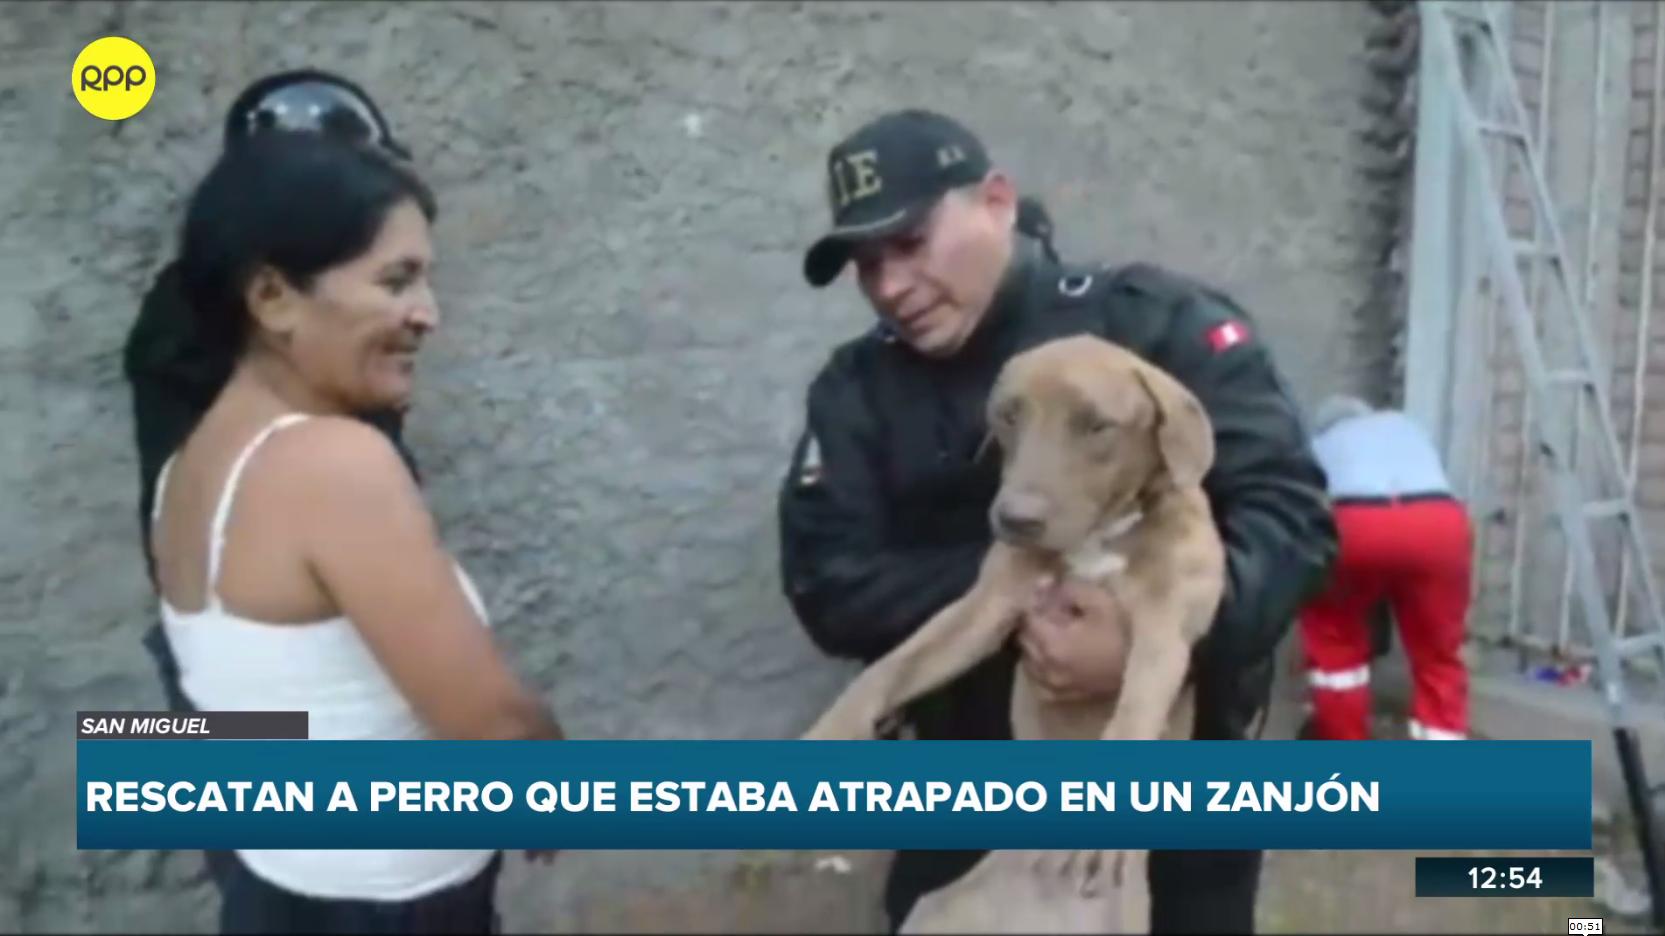 Rescatan a perro que estaba atrapado en un zanjón.